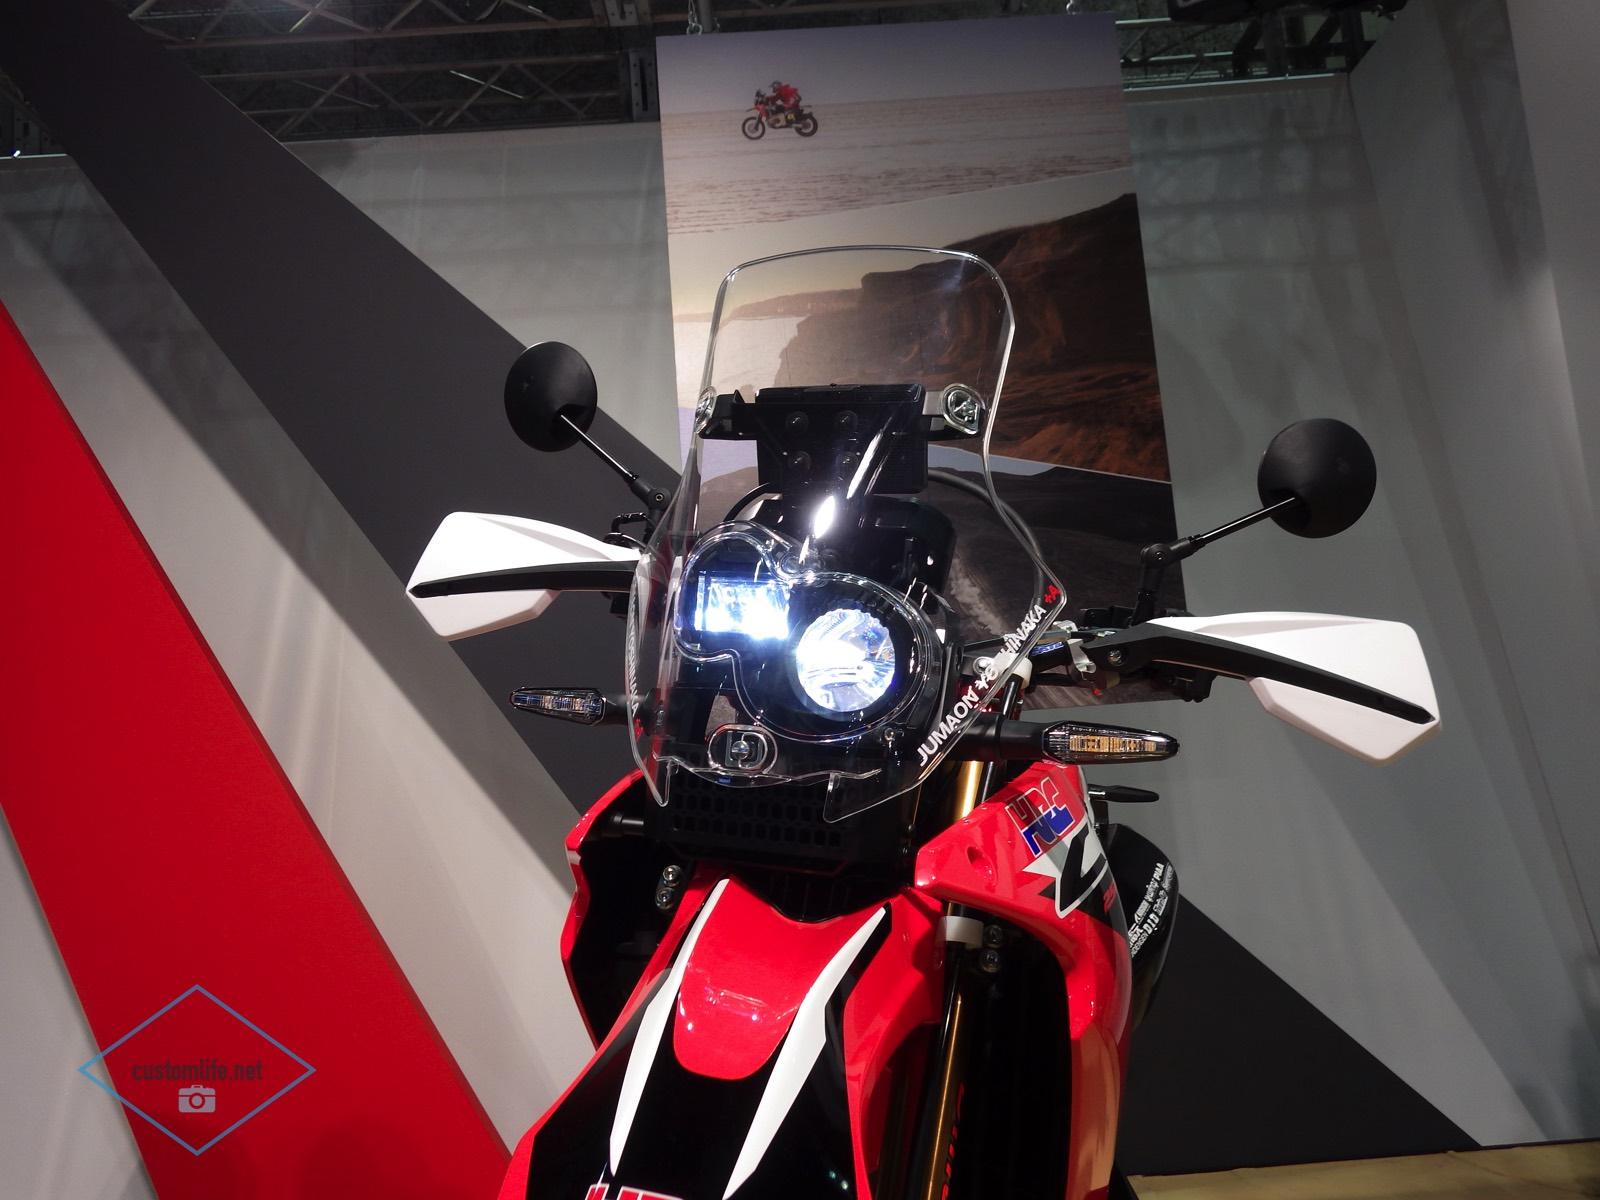 MotorcycleShow 2015 Osaka 51